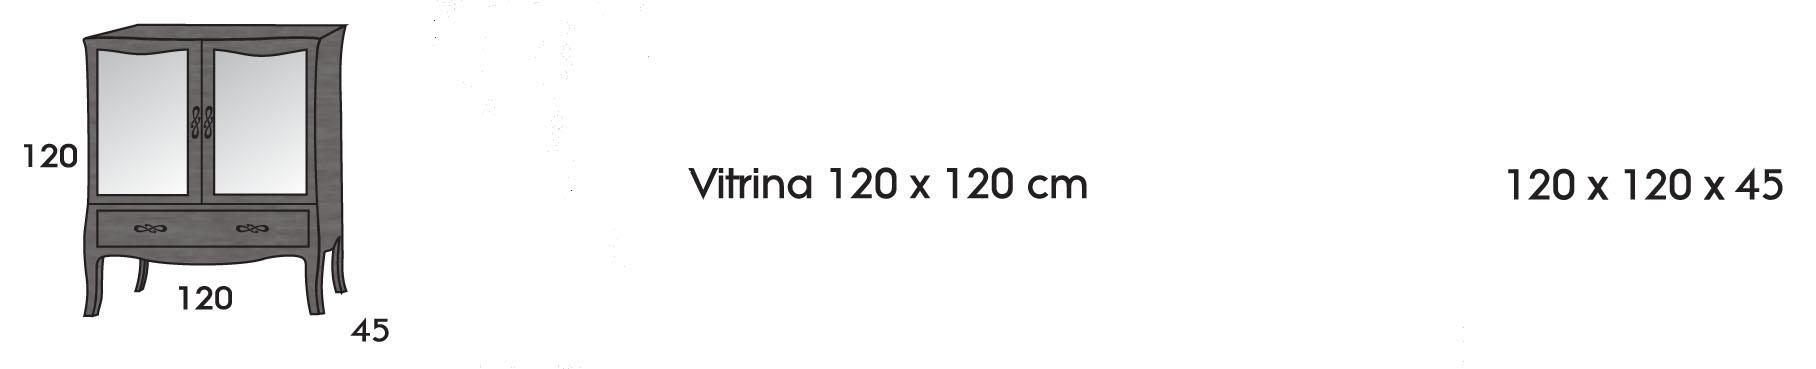 Vitrina 120 cm